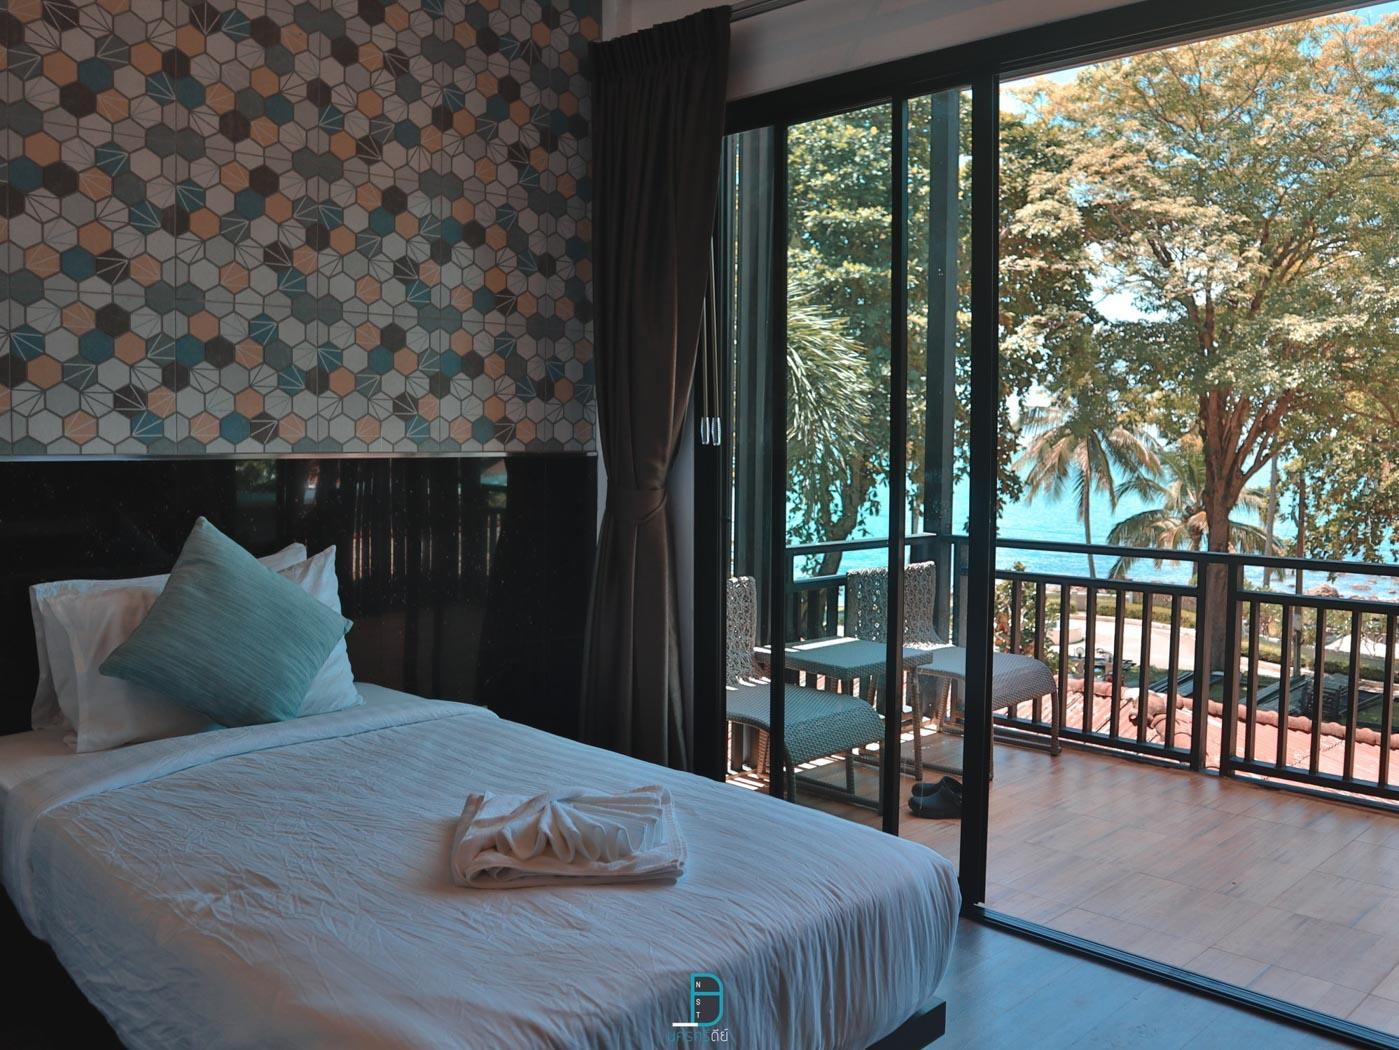 ห้องพักโซนบ้านเดี่ยวบน-วิวทะเลสวยมวากก  ประสานสุข,วิลล่า,บีช,รีสอร์ท,นครศรีธรรมราช,ที่พัก,สิชล